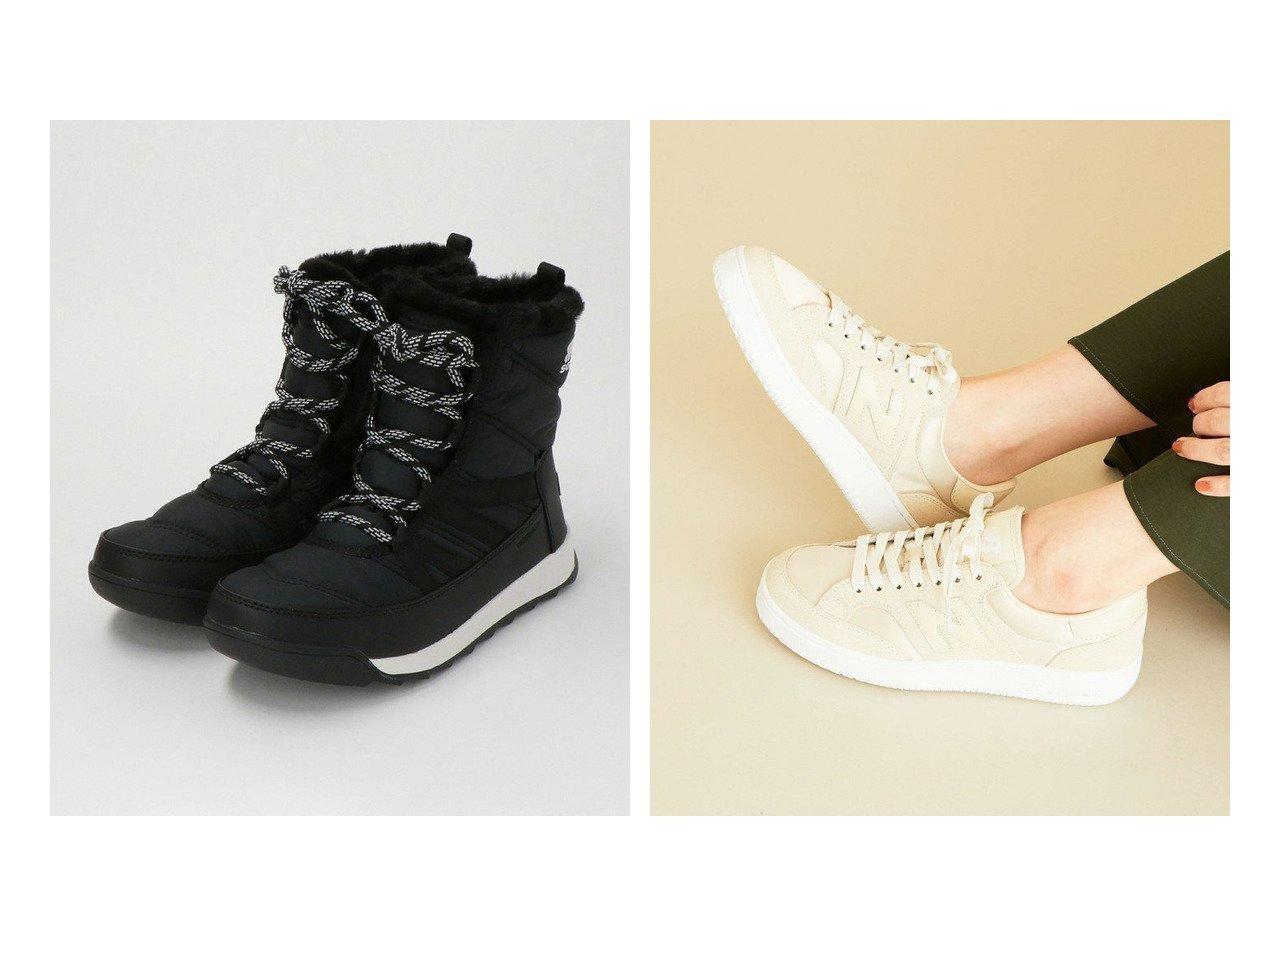 【BEAUTY&YOUTH UNITED ARROWS/ビューティアンド ユースユナイテッドアローズ】の【国内exclusive】スニーカー&WHITNEY2 ショートレースアップブーツ シューズ・靴のおすすめ!人気トレンド・レディースファッションの通販 おすすめで人気の流行・トレンド、ファッションの通販商品 メンズファッション・キッズファッション・インテリア・家具・レディースファッション・服の通販 founy(ファニー) https://founy.com/ ファッション Fashion レディースファッション WOMEN コンビ シューズ シンプル スエード スニーカー バランス フォルム ベーシック ボストン メッシュ アウトドア 軽量 スタンダード 人気 フェミニン |ID:crp329100000008548